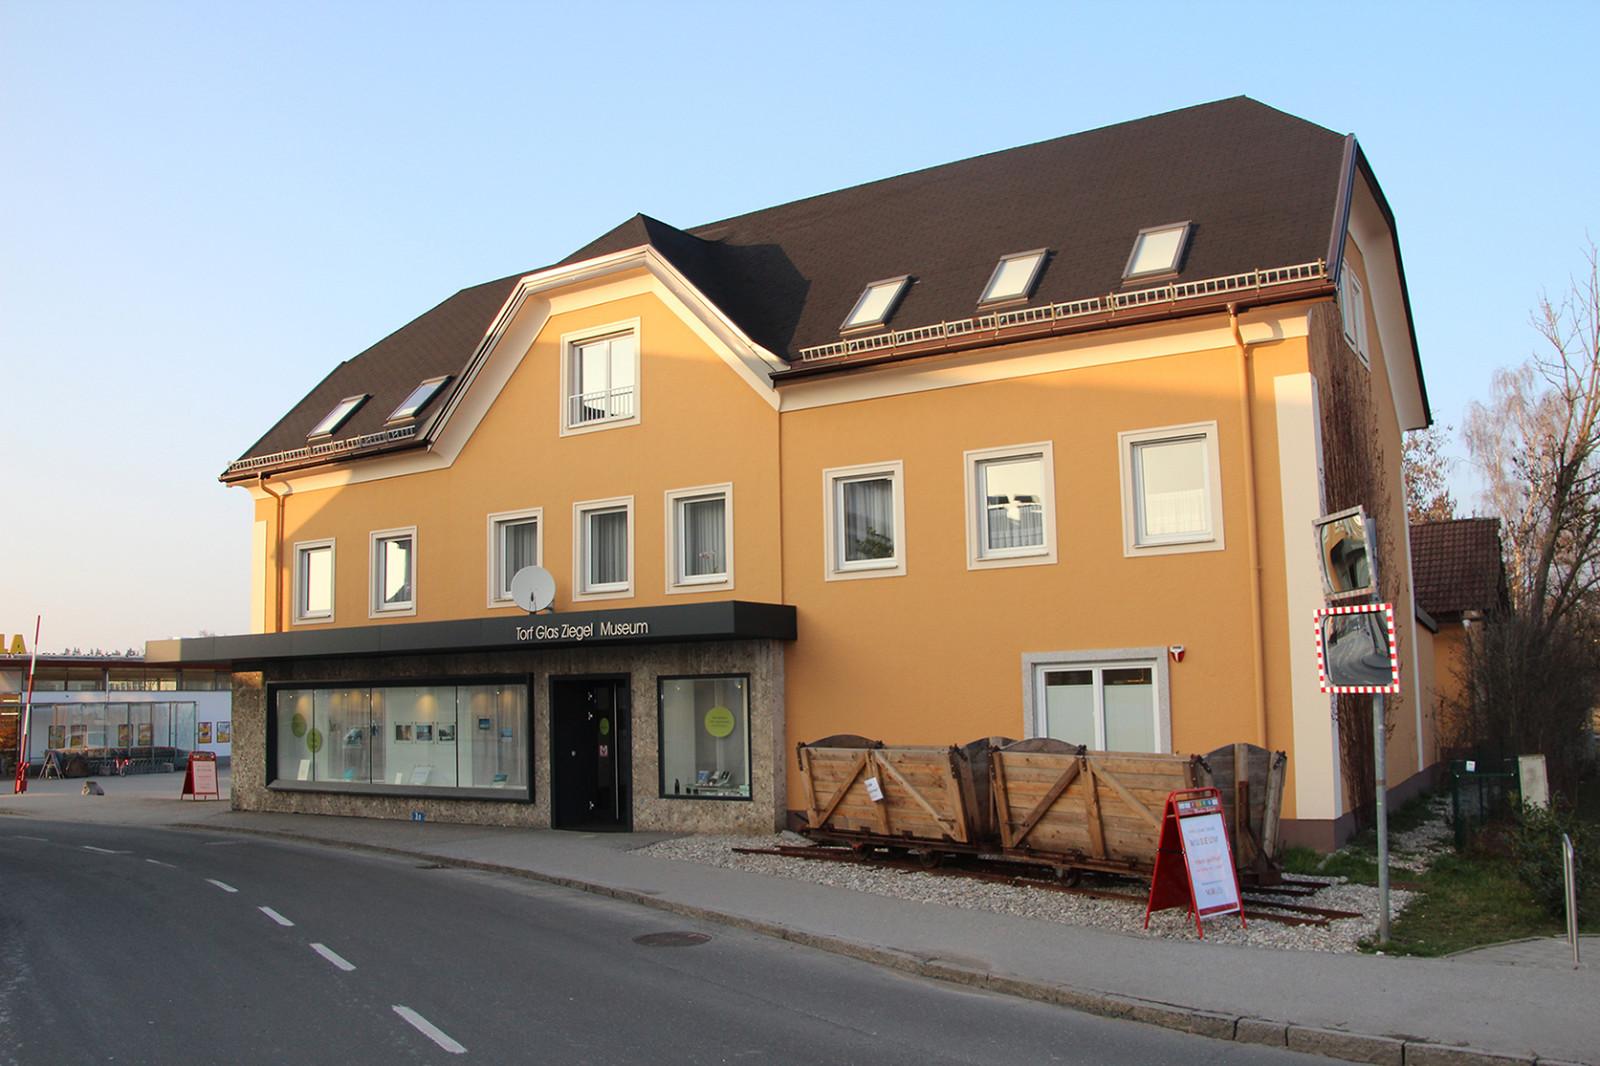 Hintergrundinfos: Das Torf-Glas-Ziegel-Museum in Bürmoos ist einen Besuch wert.